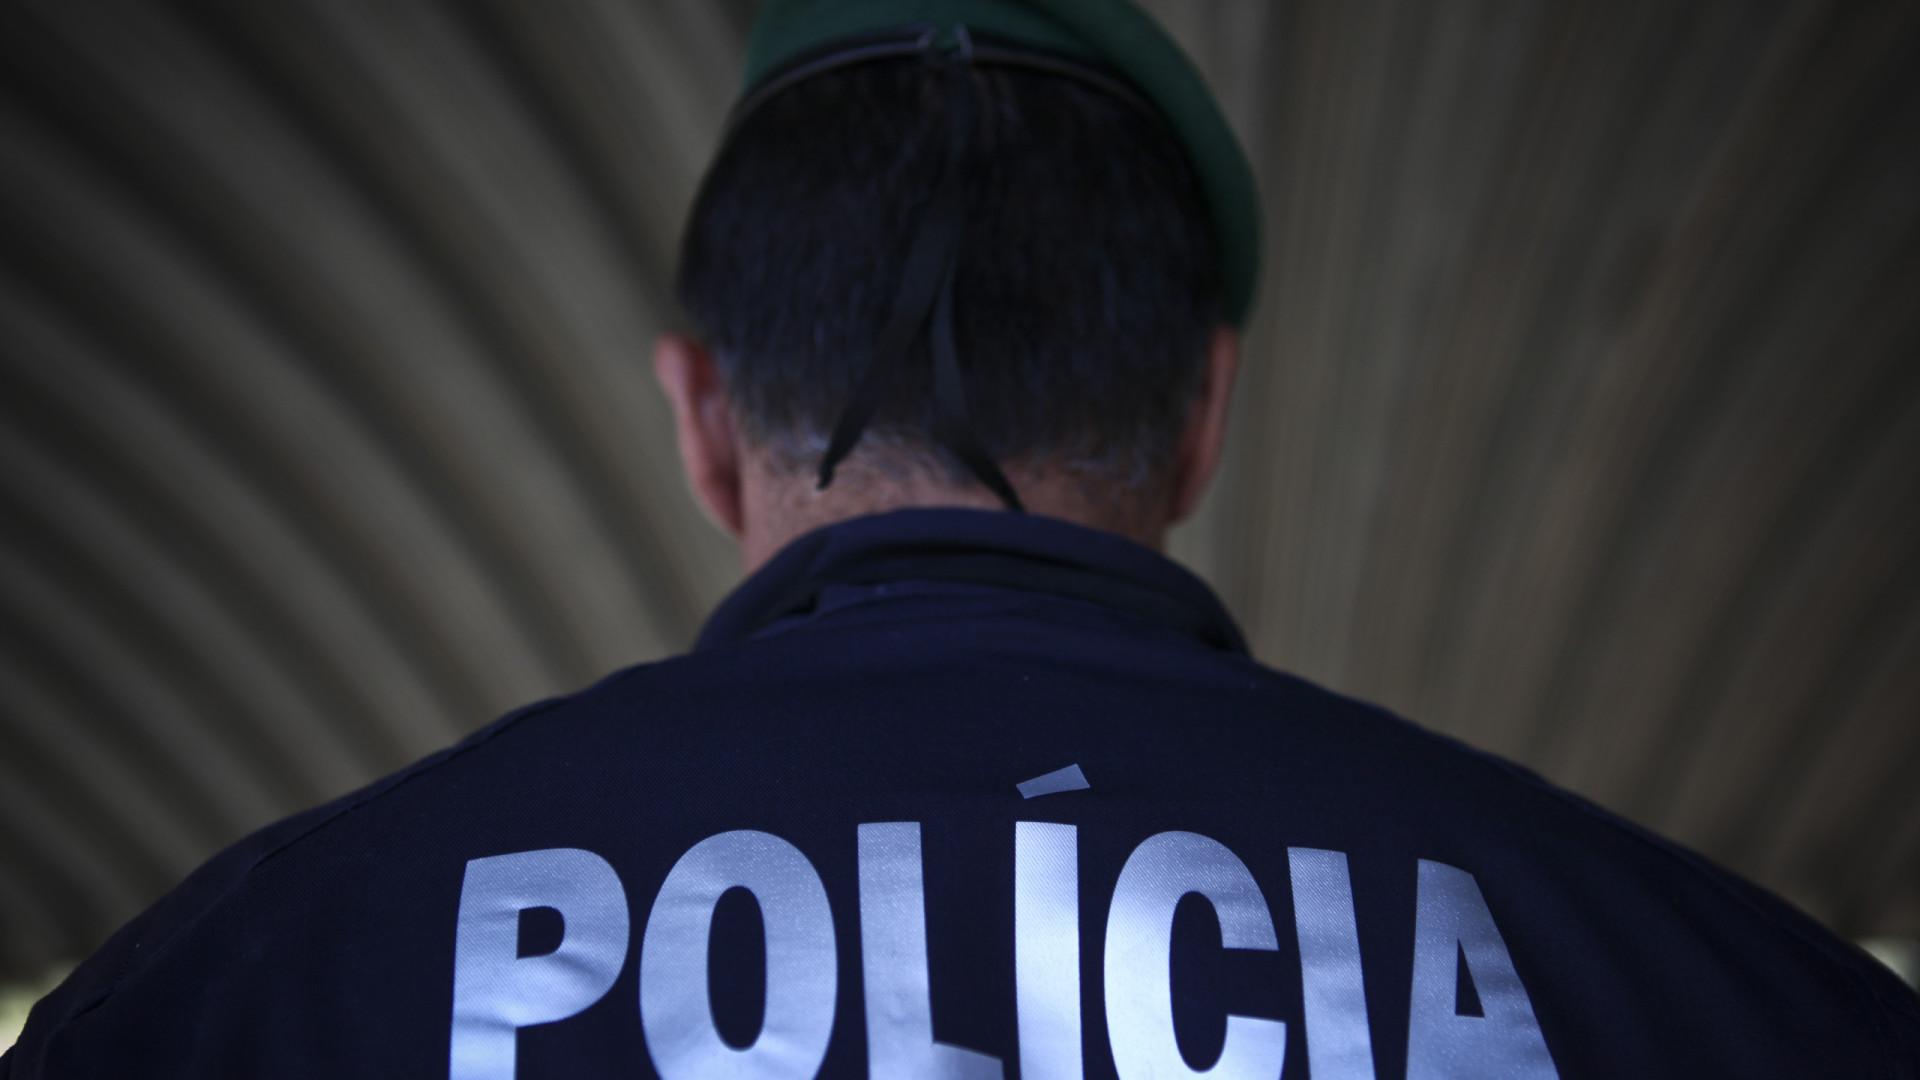 Absolvido agente da PSP acusado de atingir quatro jovens em perseguição